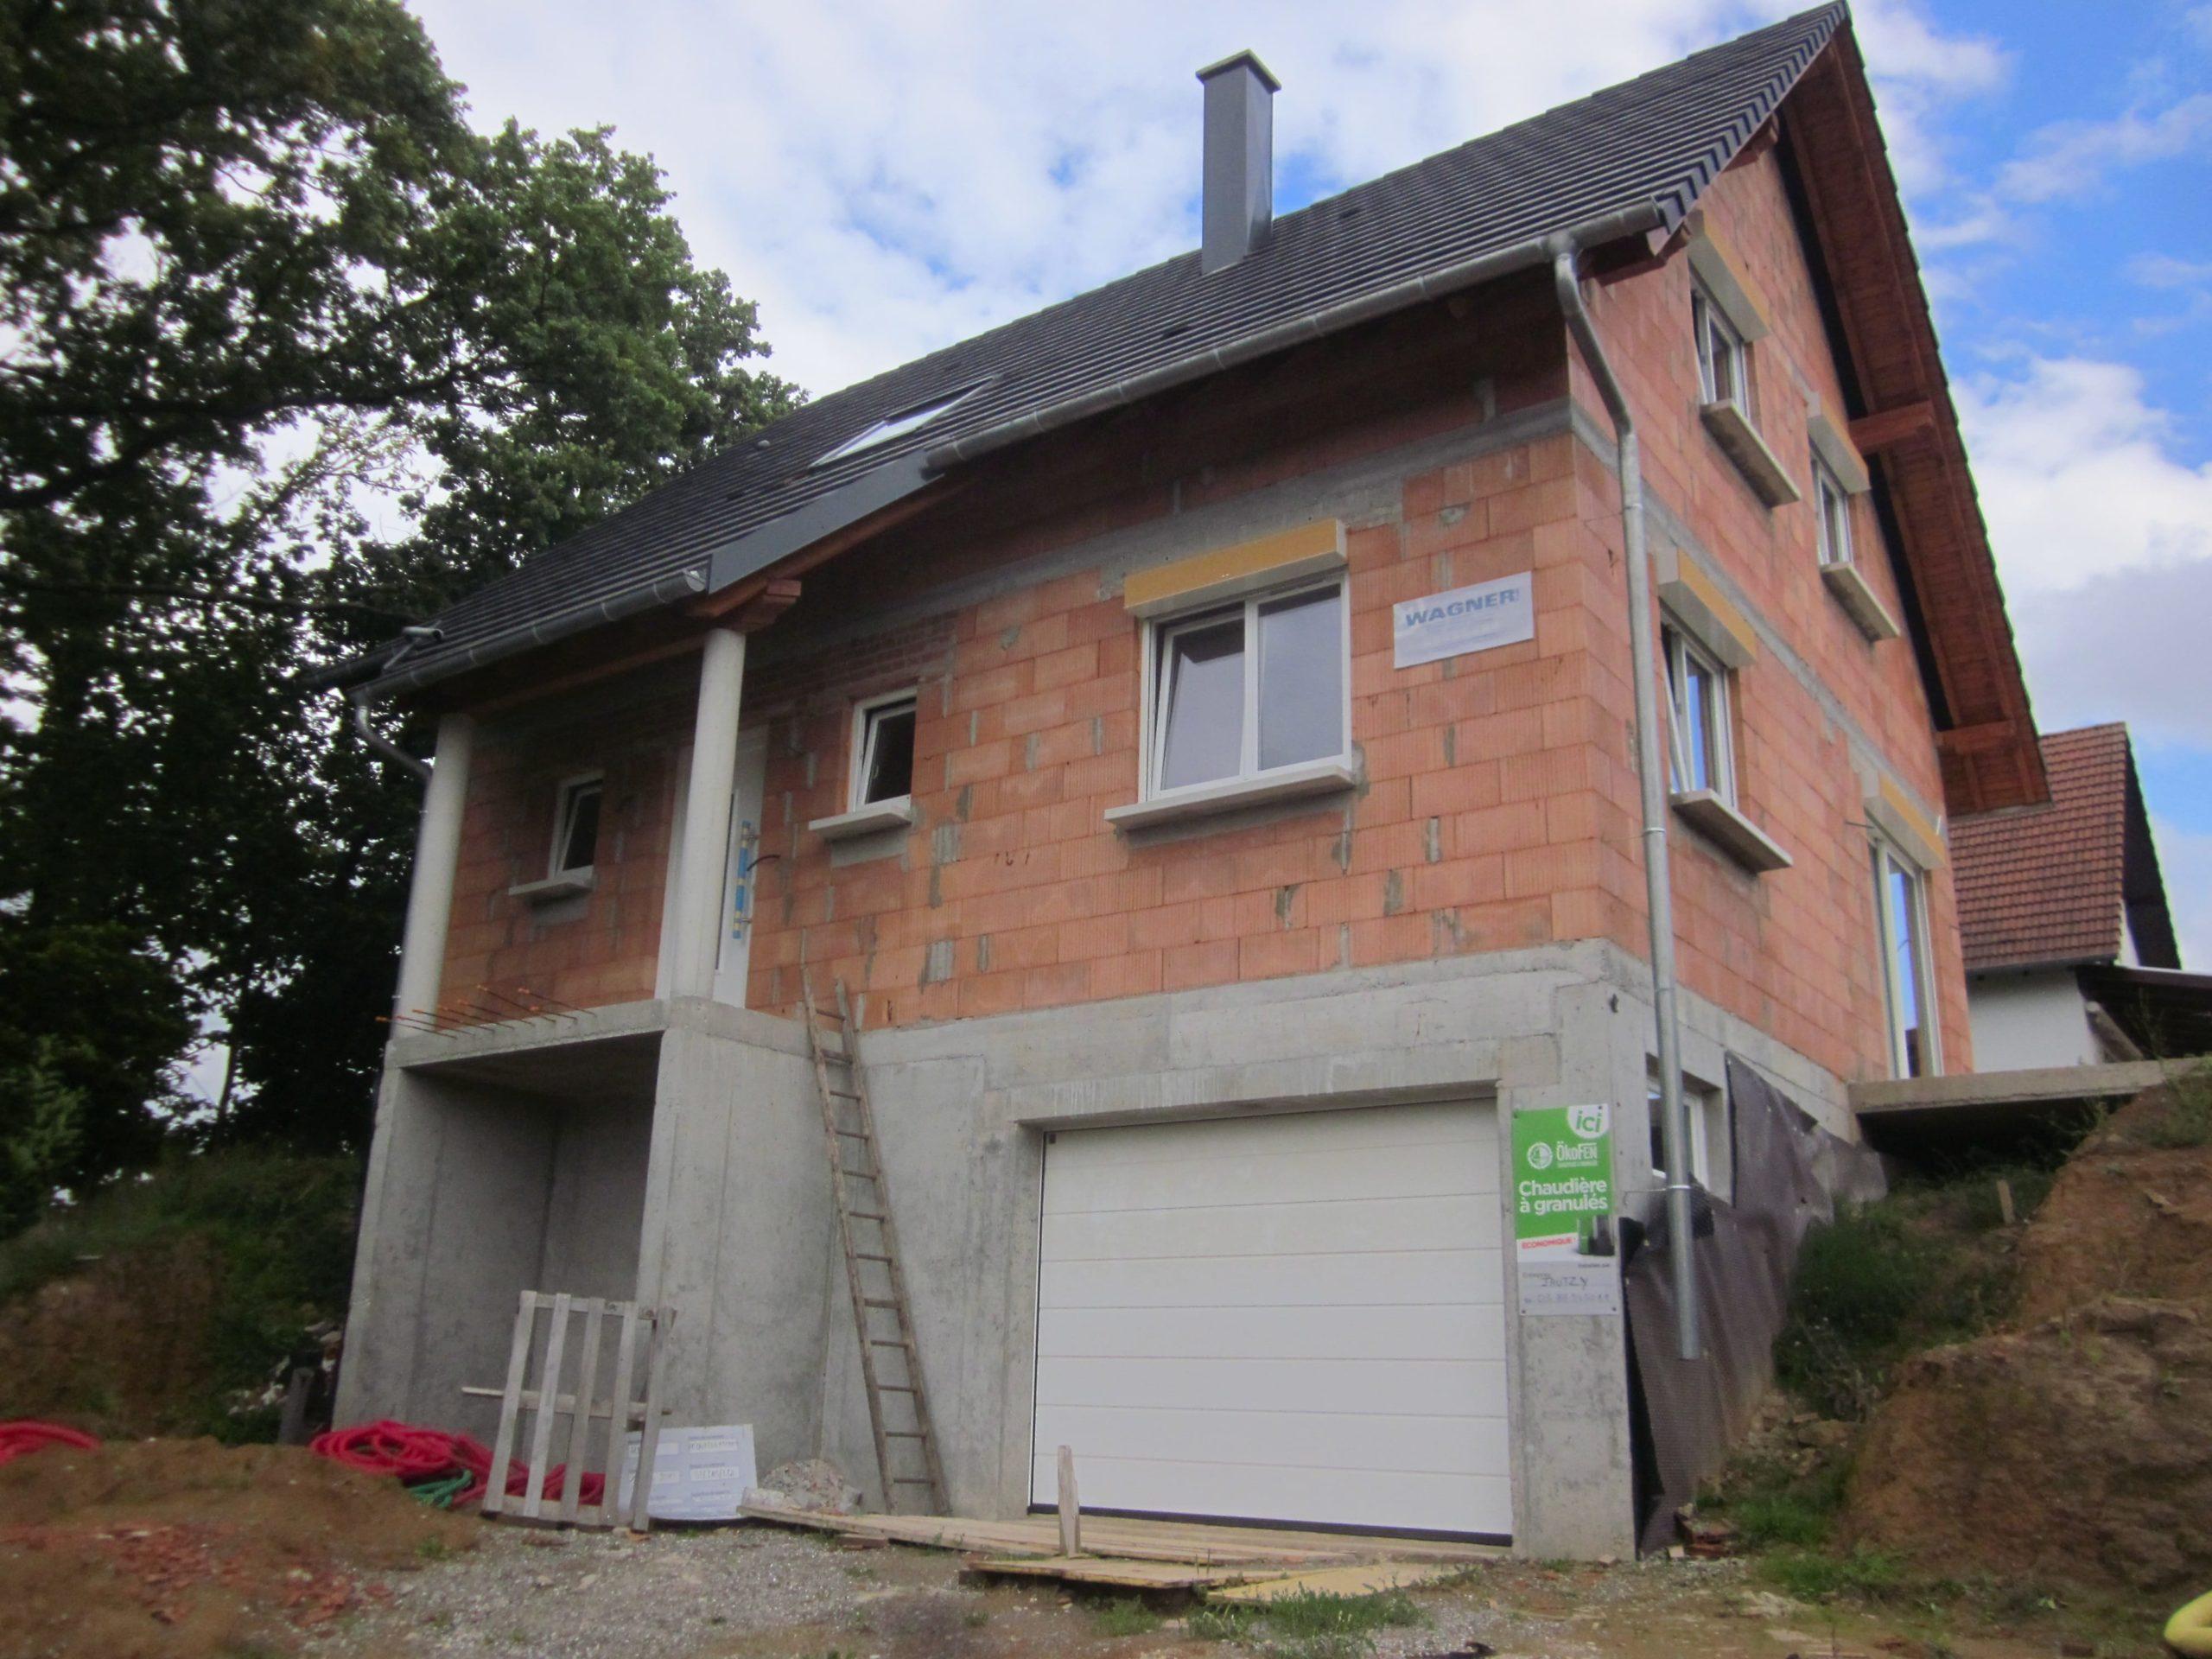 Travaux de construction neuve par Wagner construction à Siegen et alentours